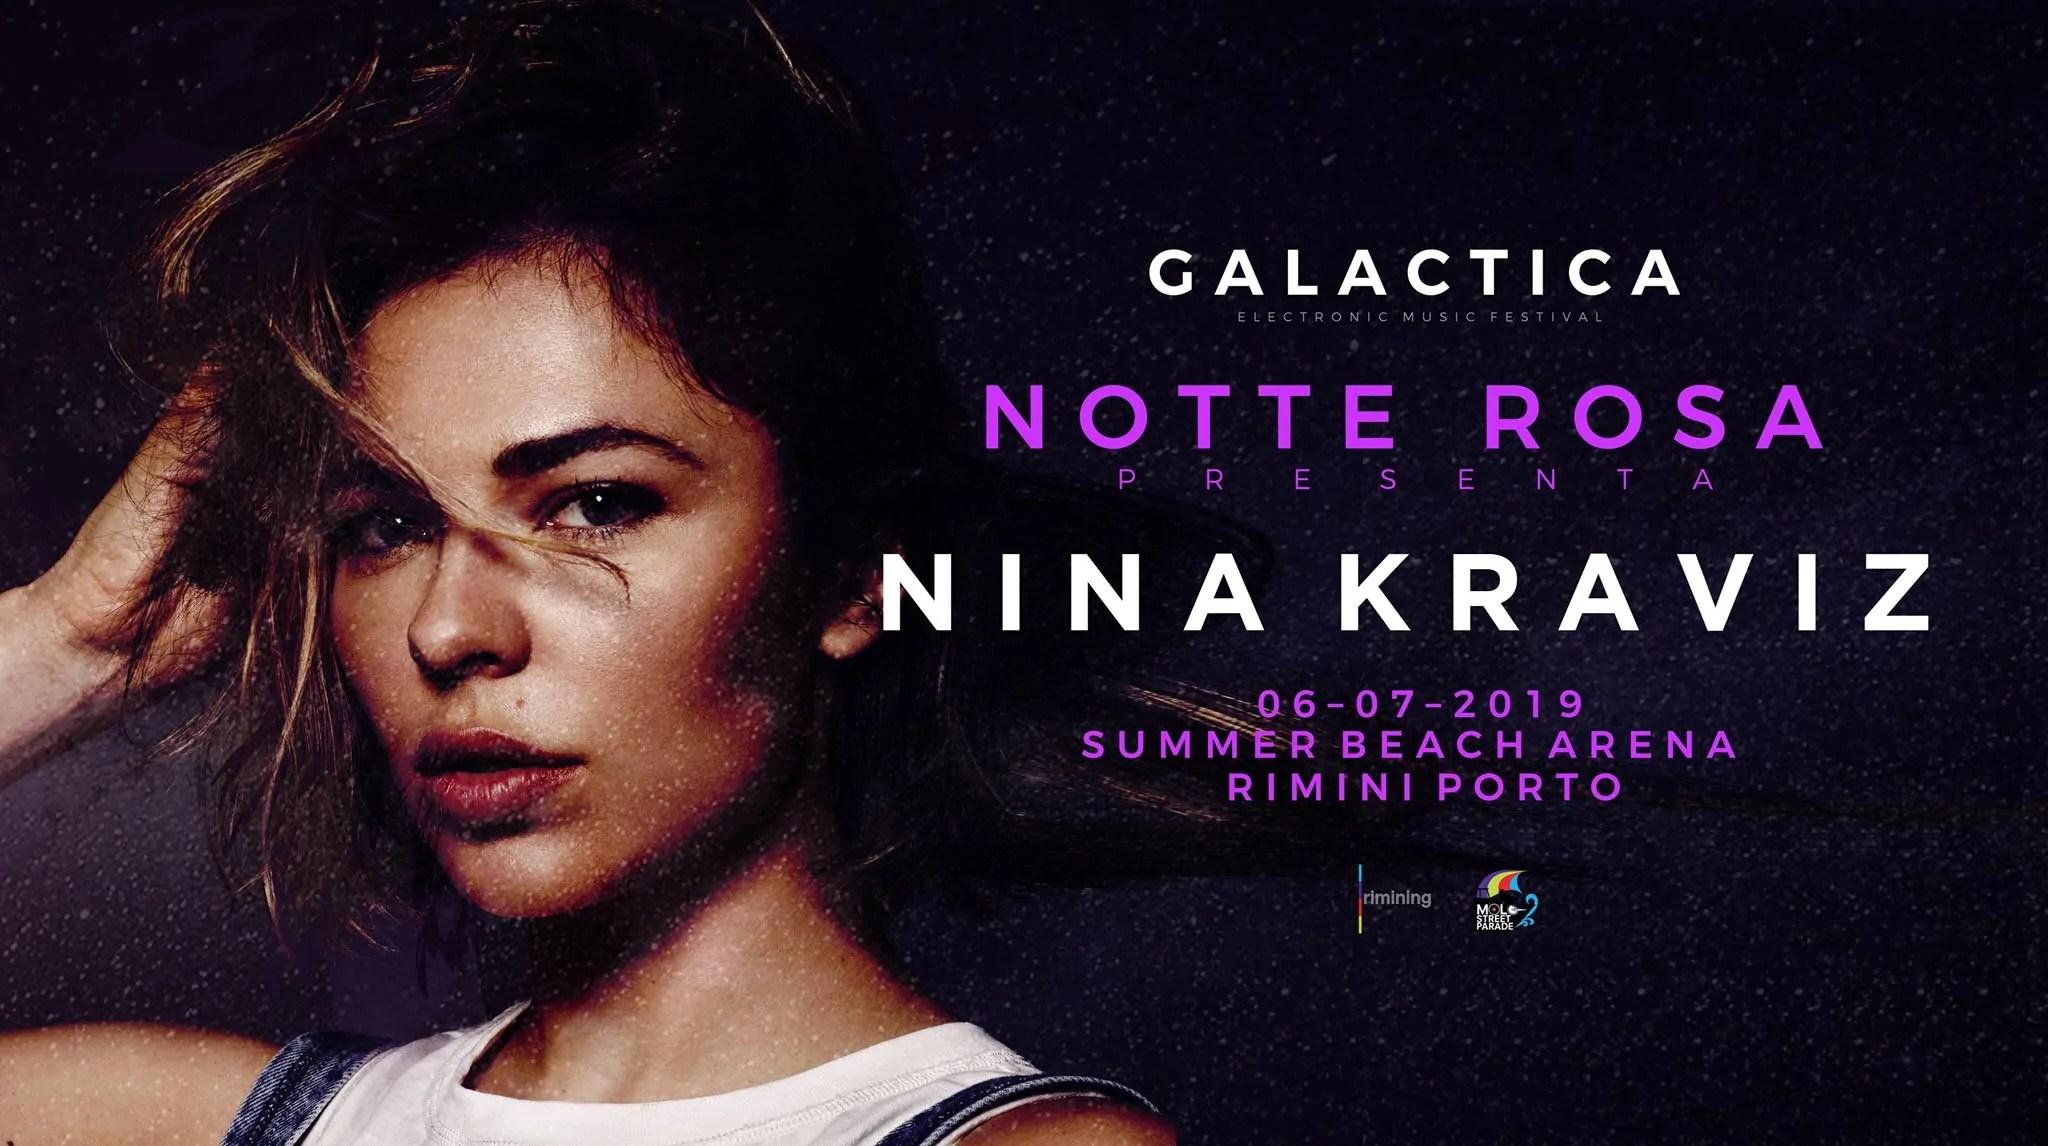 Galactica Festival a Rimini con Nina Kraviz | Prezzi Ticket biglietti 18app  Pacchetti hotel